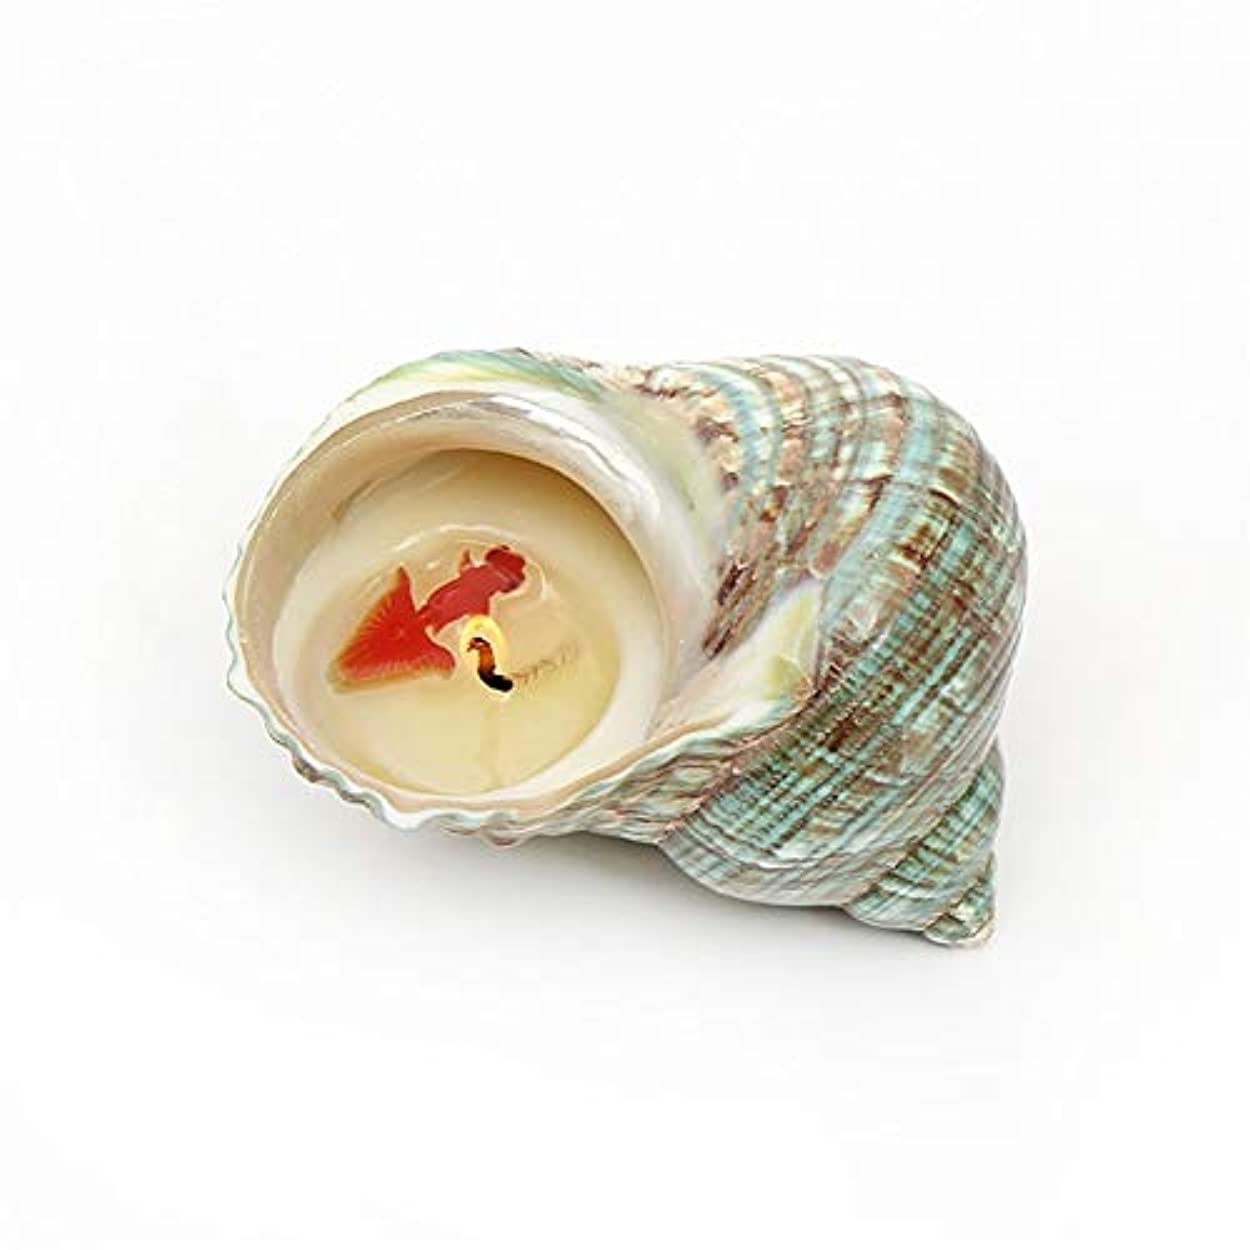 どこでも悲劇的な証明Ztian 手作りのシェル金魚の香りキャンドルカップ誕生日プレゼントロマンチックな告白結婚式の装飾 (色 : Night scent)